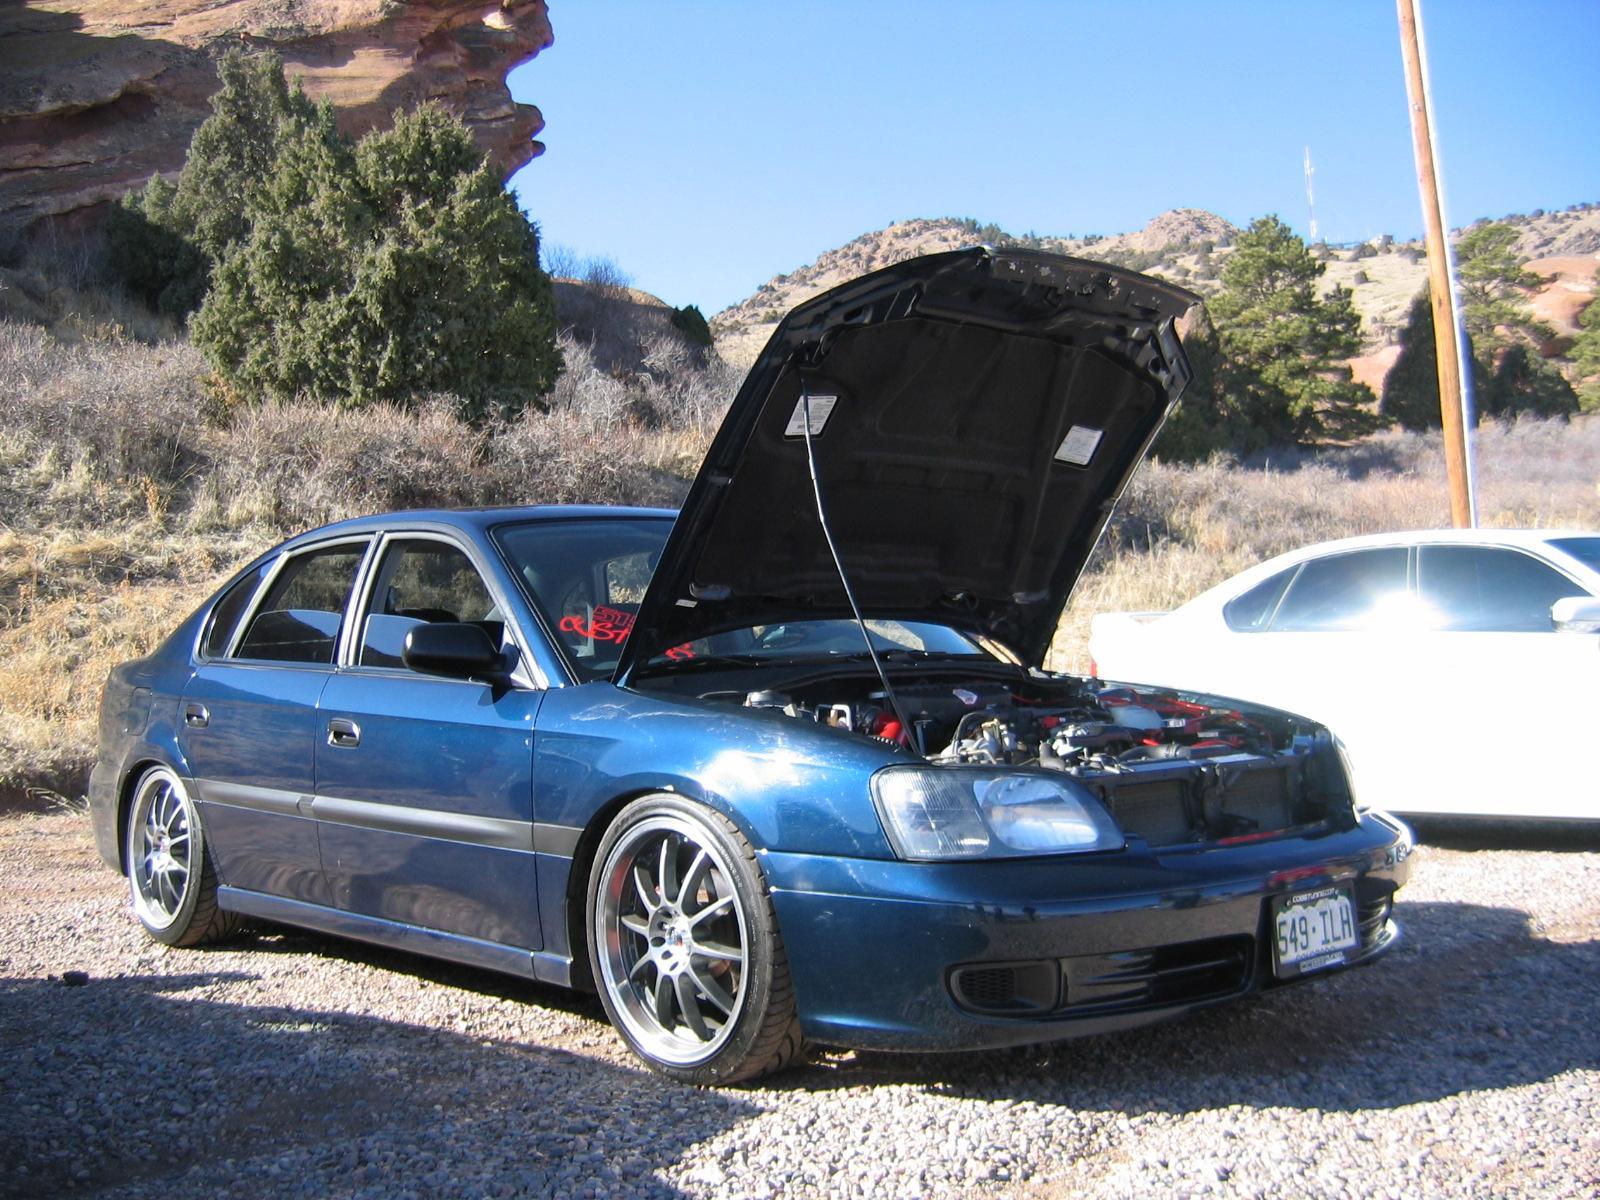 2002 Subaru Legacy L Dyno Sheet Details - DragTimes.com